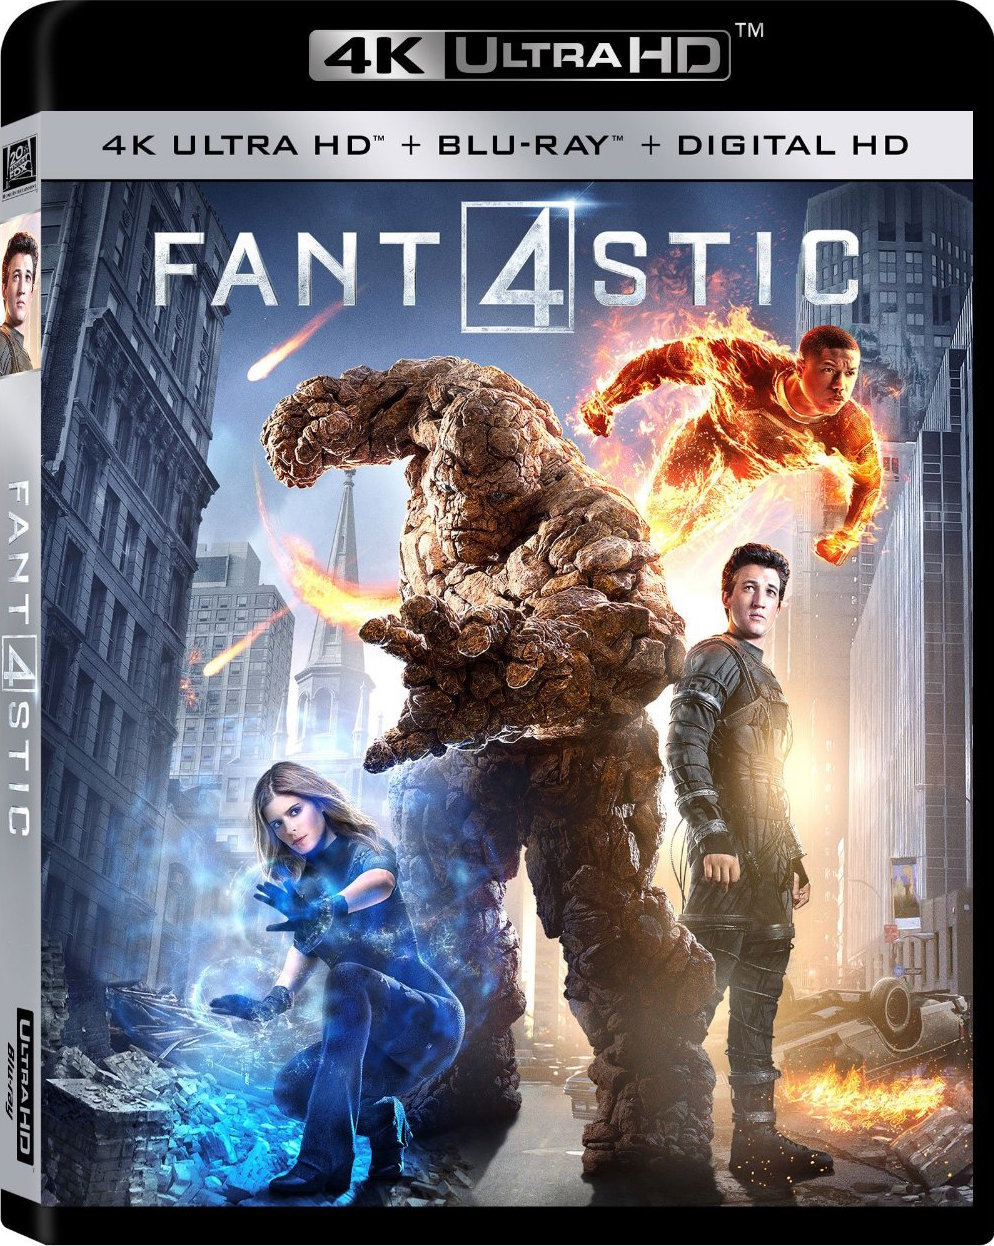 Fantastic 4 (2015) 4K Ultra HD Blu-ray